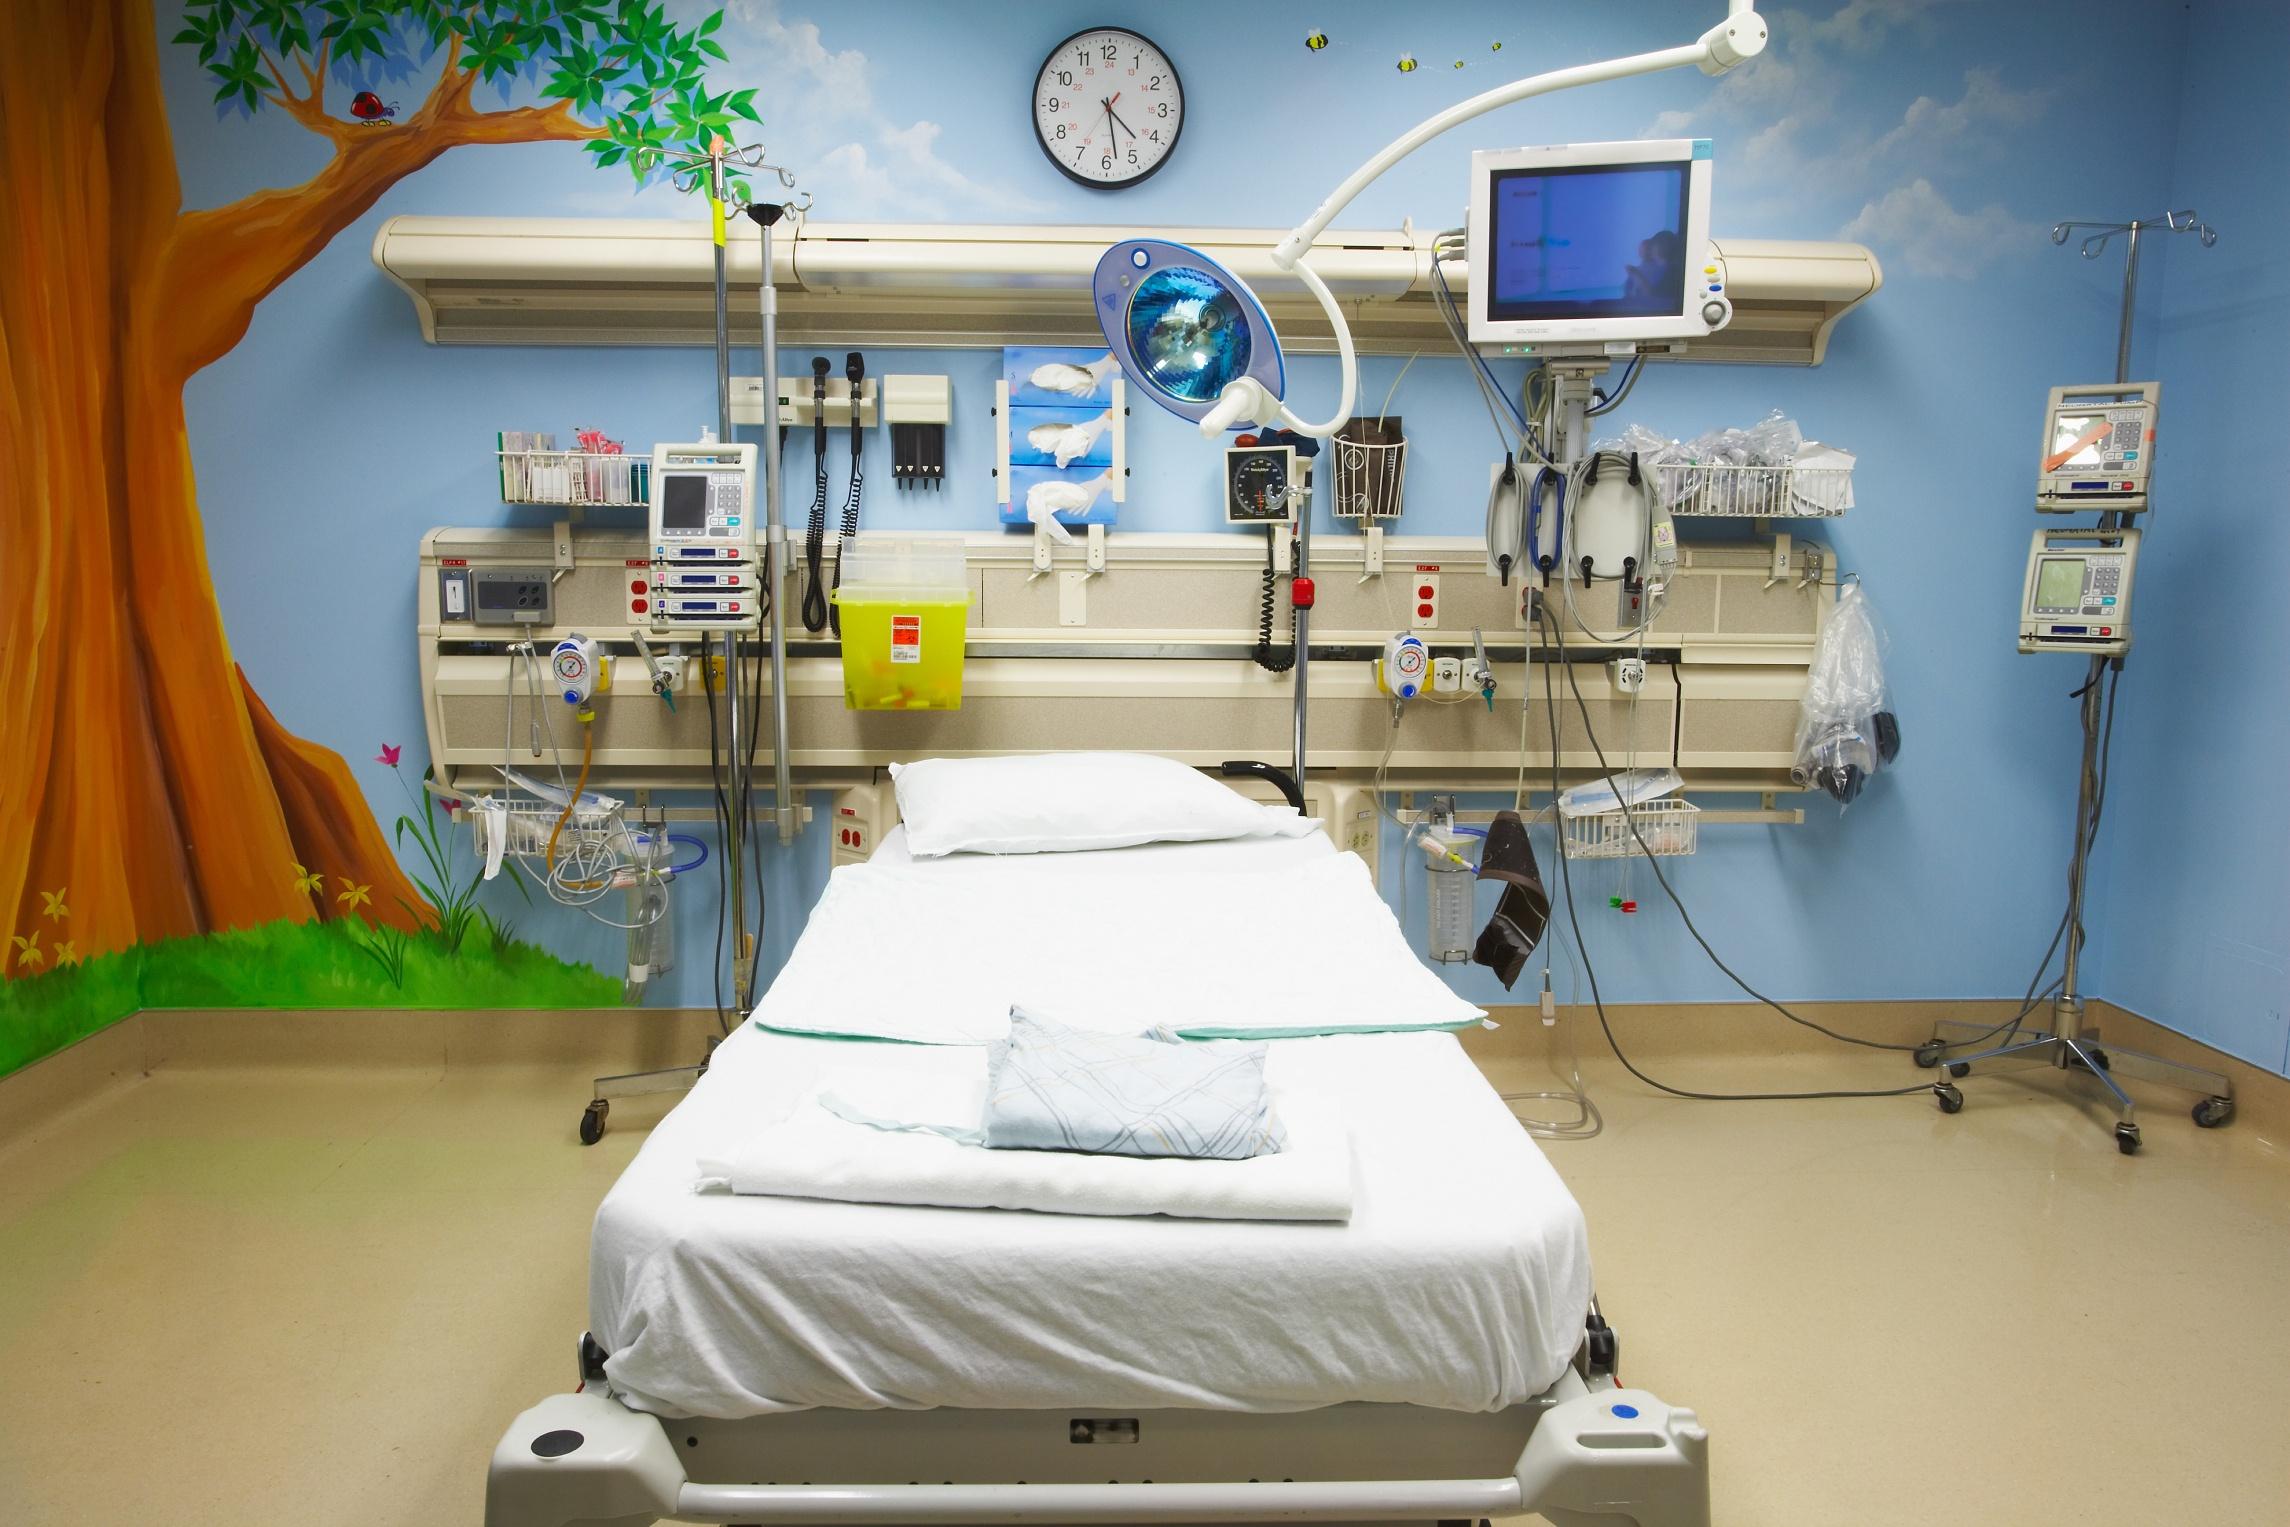 Condiciones De Limpieza Para El Parto Salud180